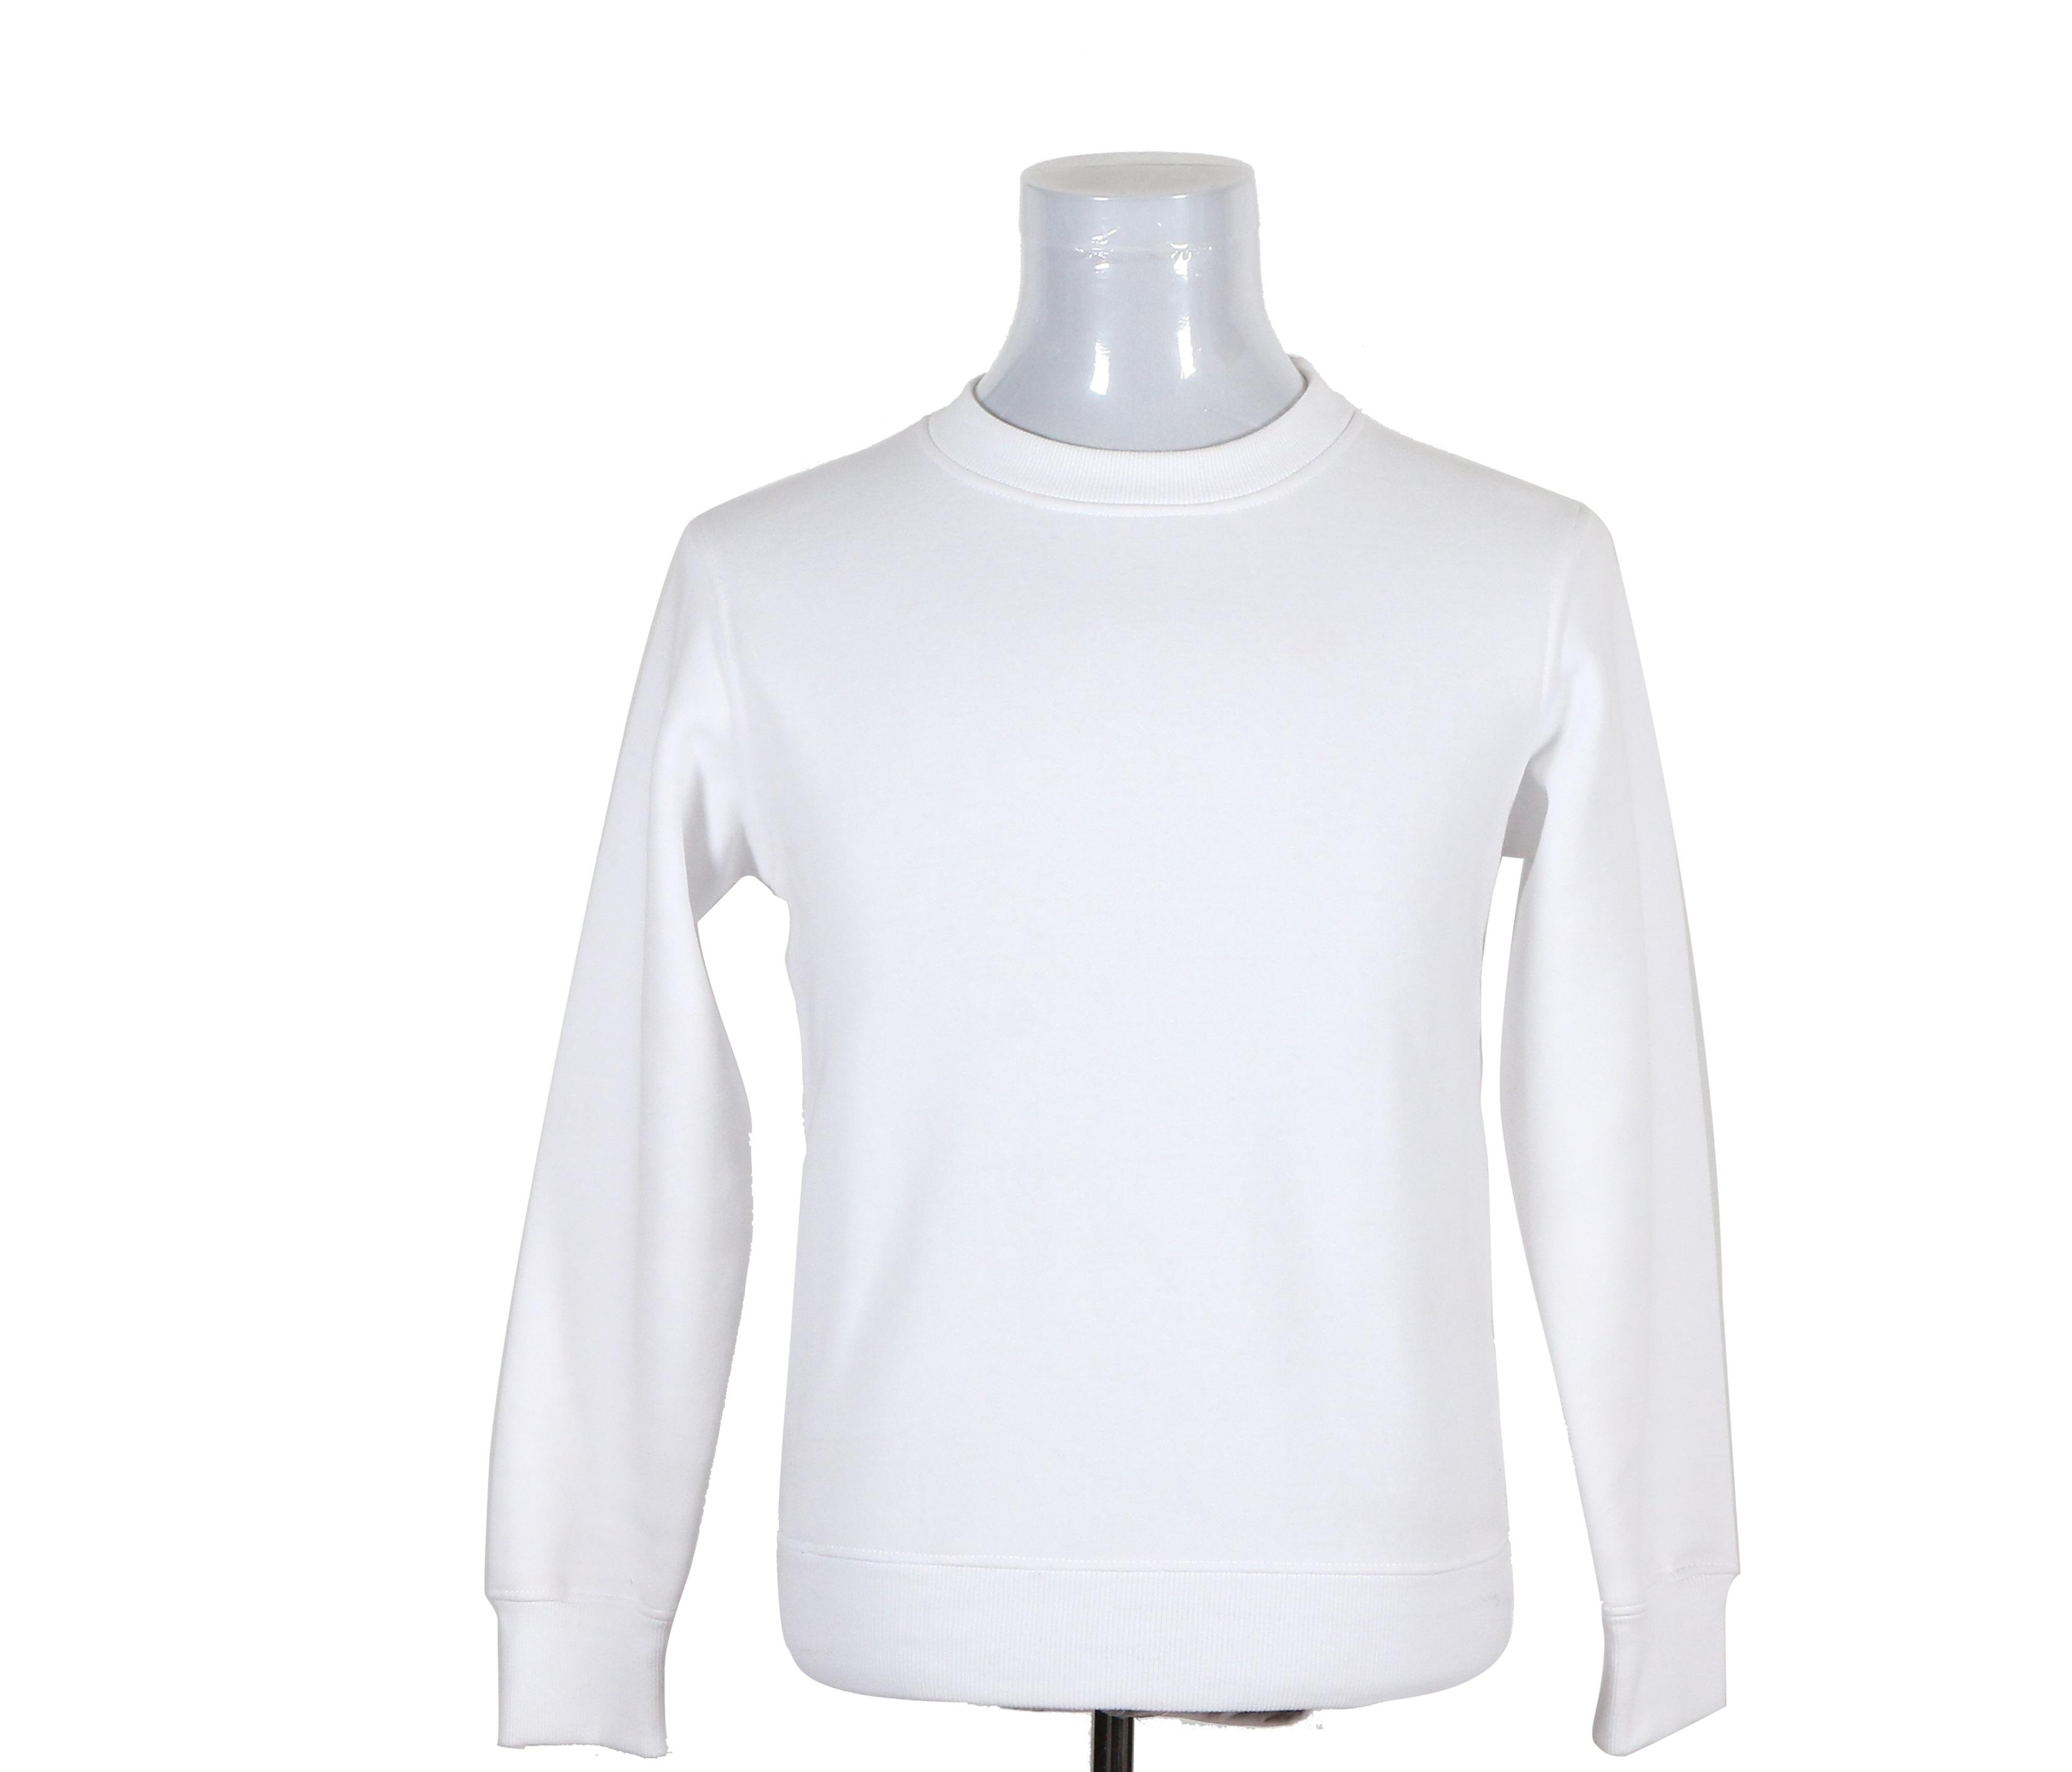 口碑好夏季工作服哪里比较便宜「舜和服装厂供应」